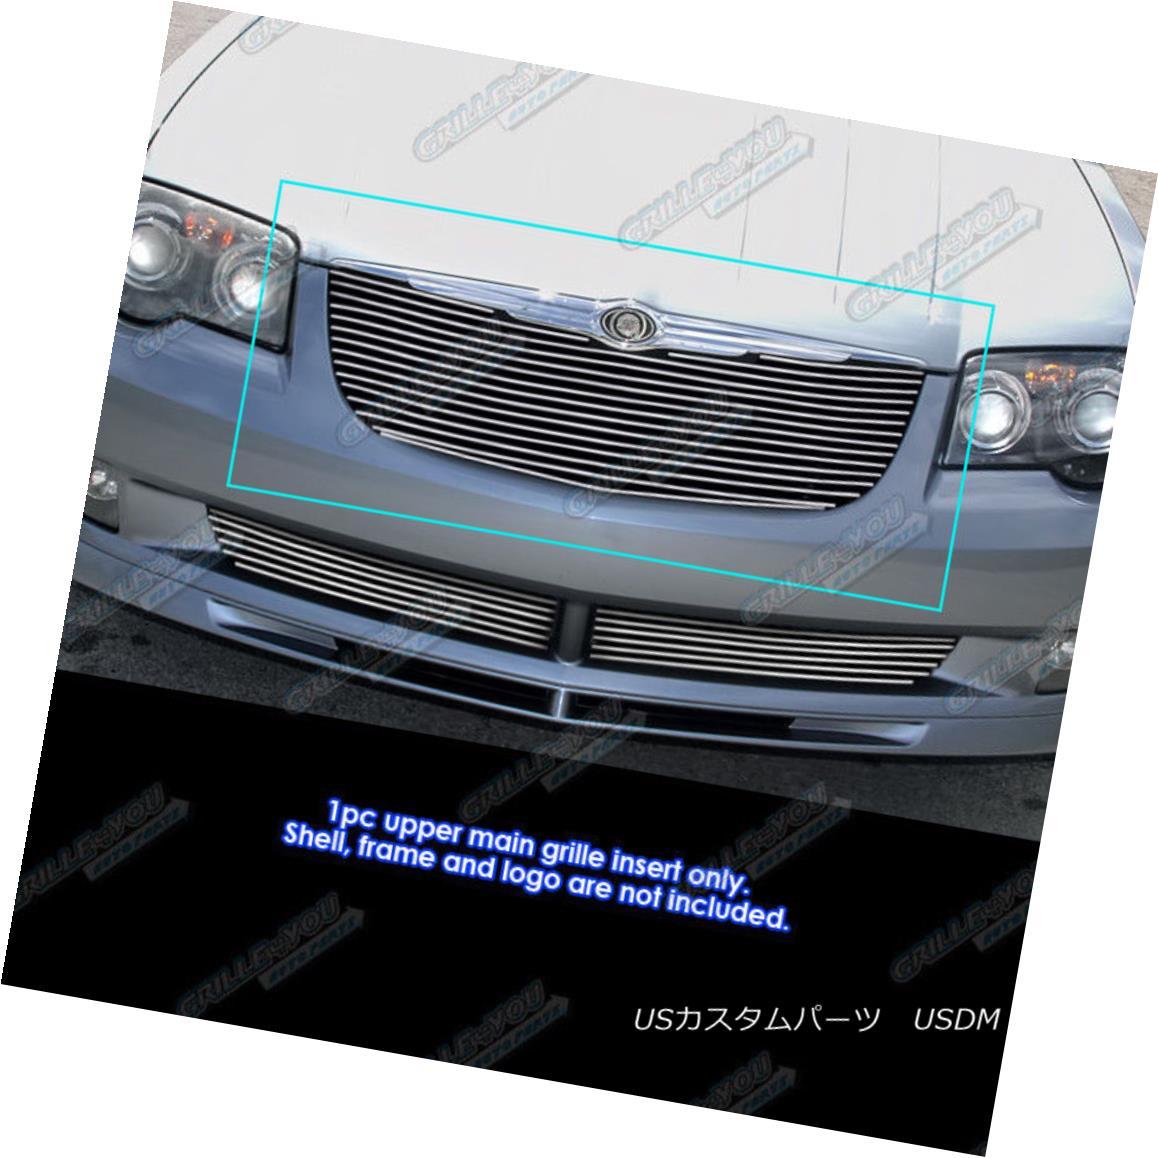 グリル Fits 2004-2008 Chrysler Crossfire Billet Grille Grill Insert フィット2004-2008クライスラークロスファイアビレットグリルグリルインサート